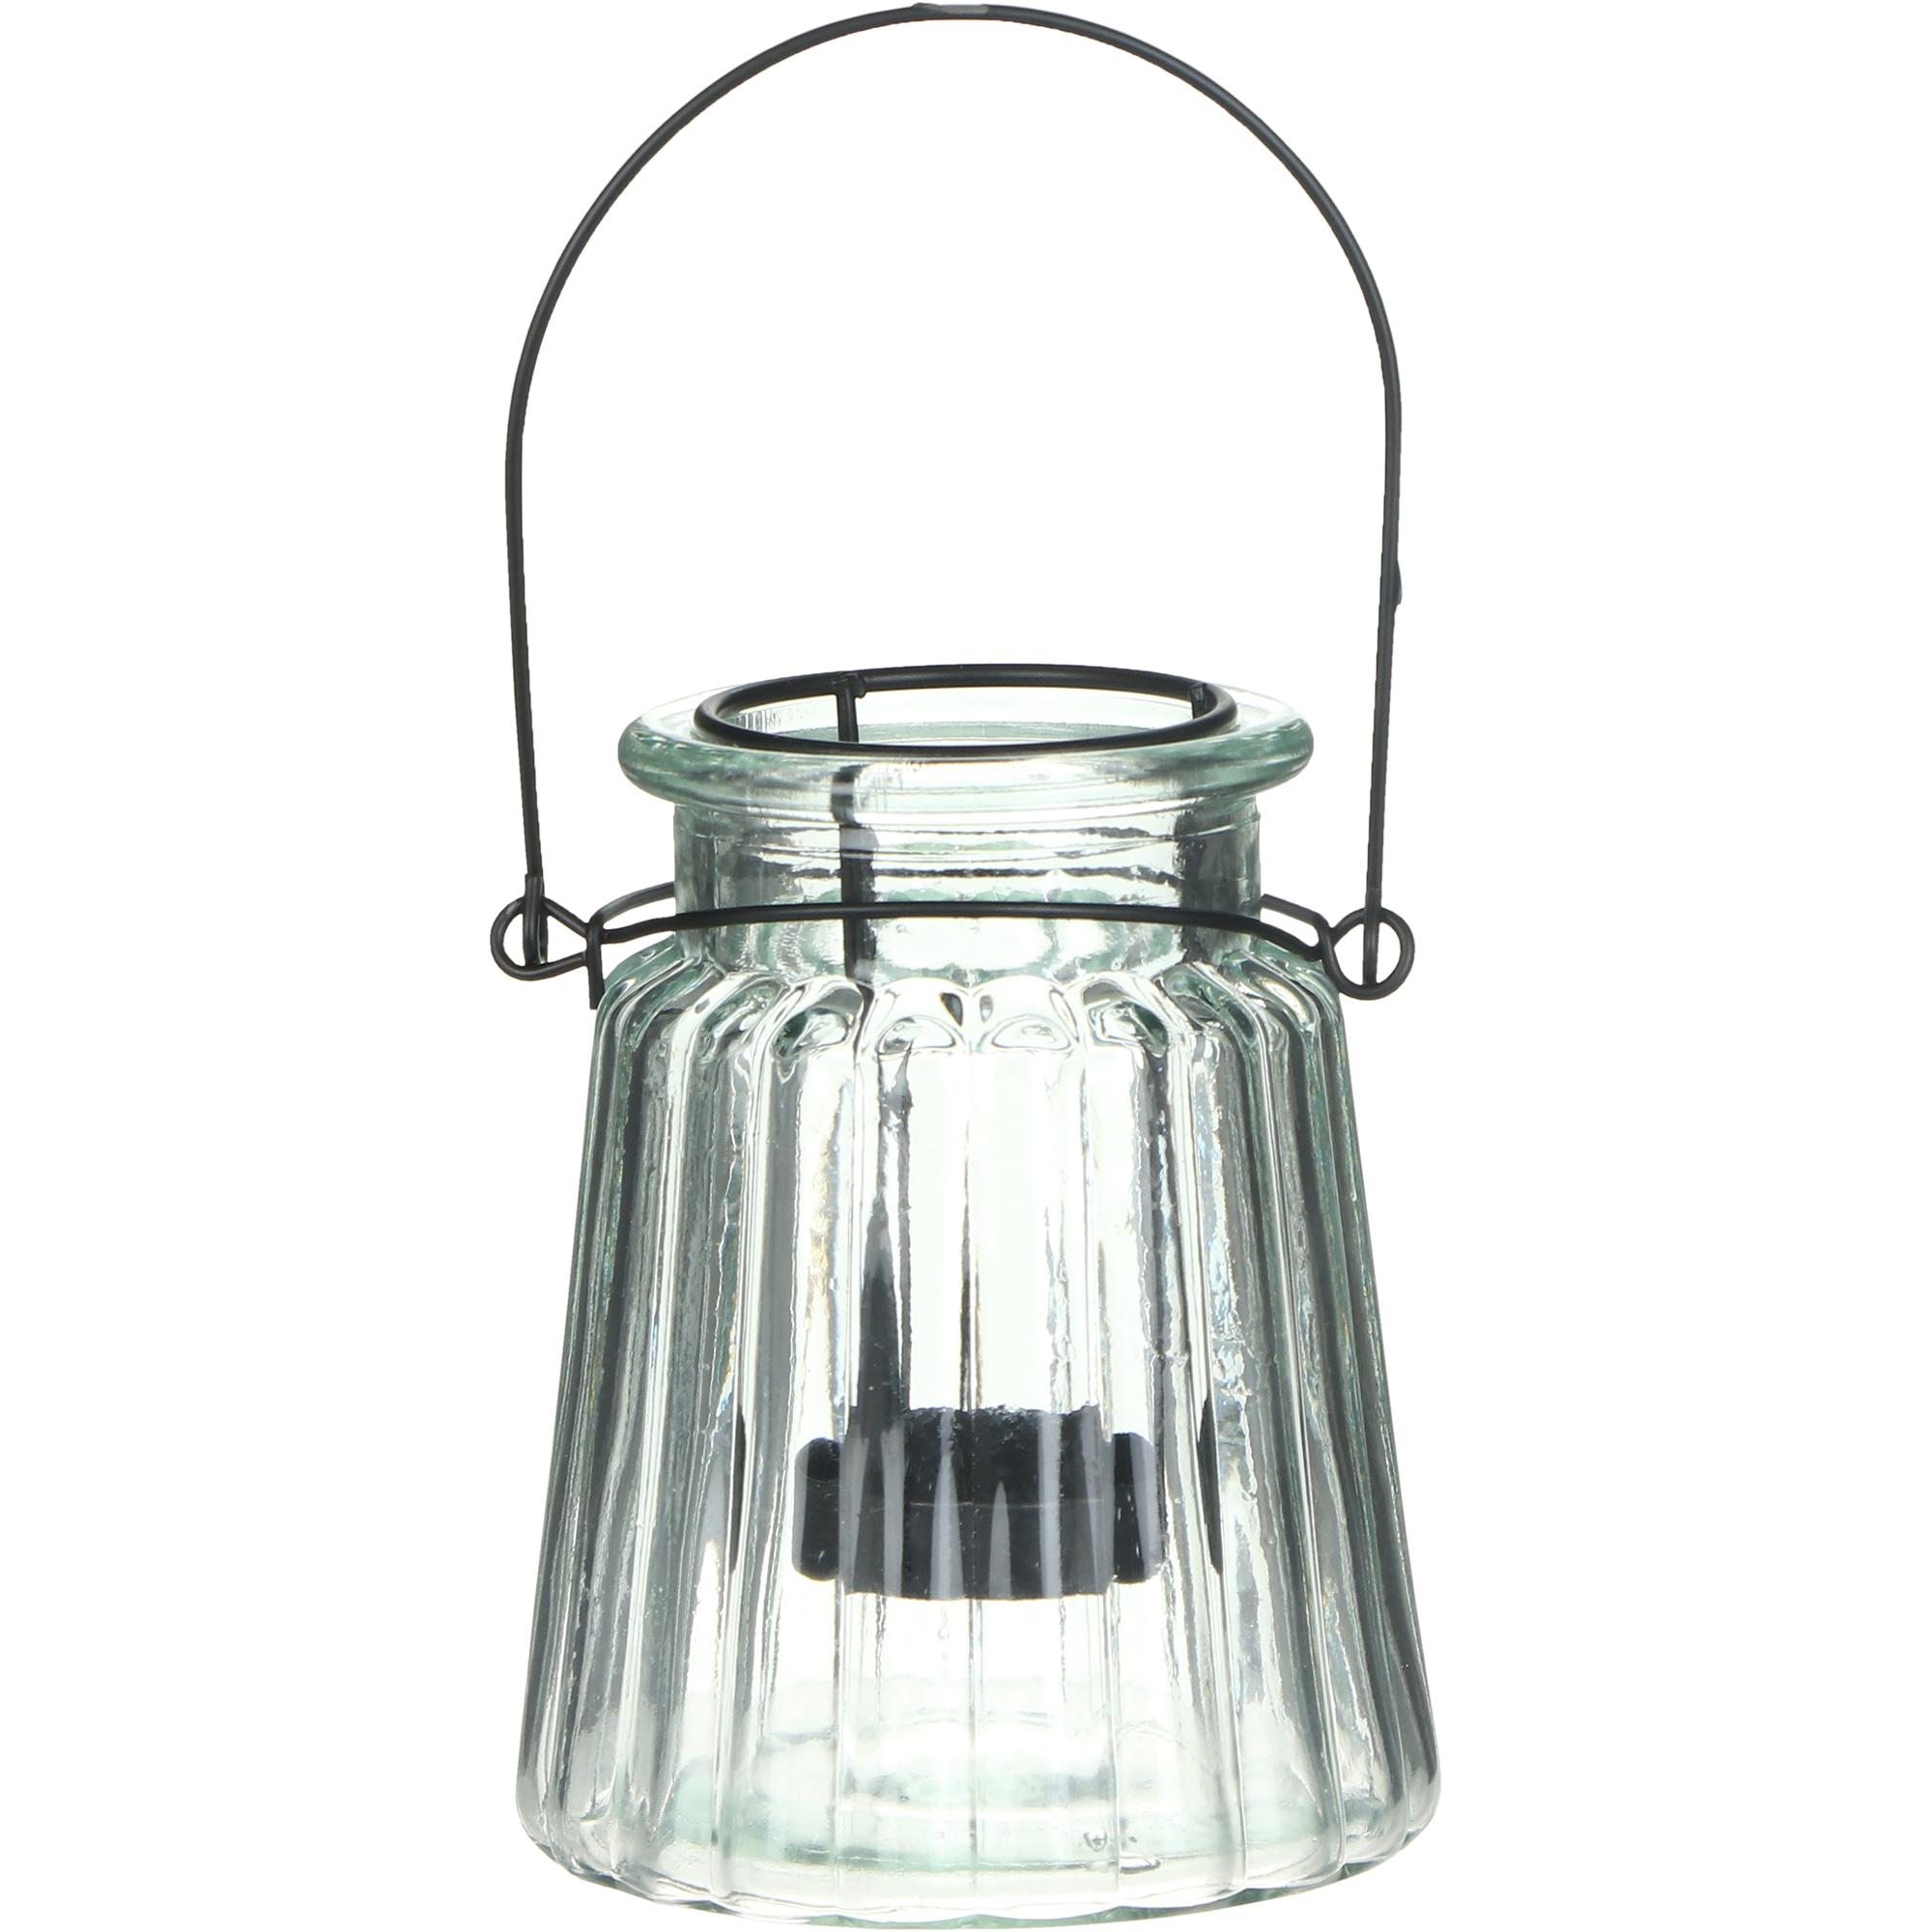 Фото - Подсвечник-фонарь Boltze Laurenia прозрачный 12 см подсвечник boltze biba серебряный 11 см